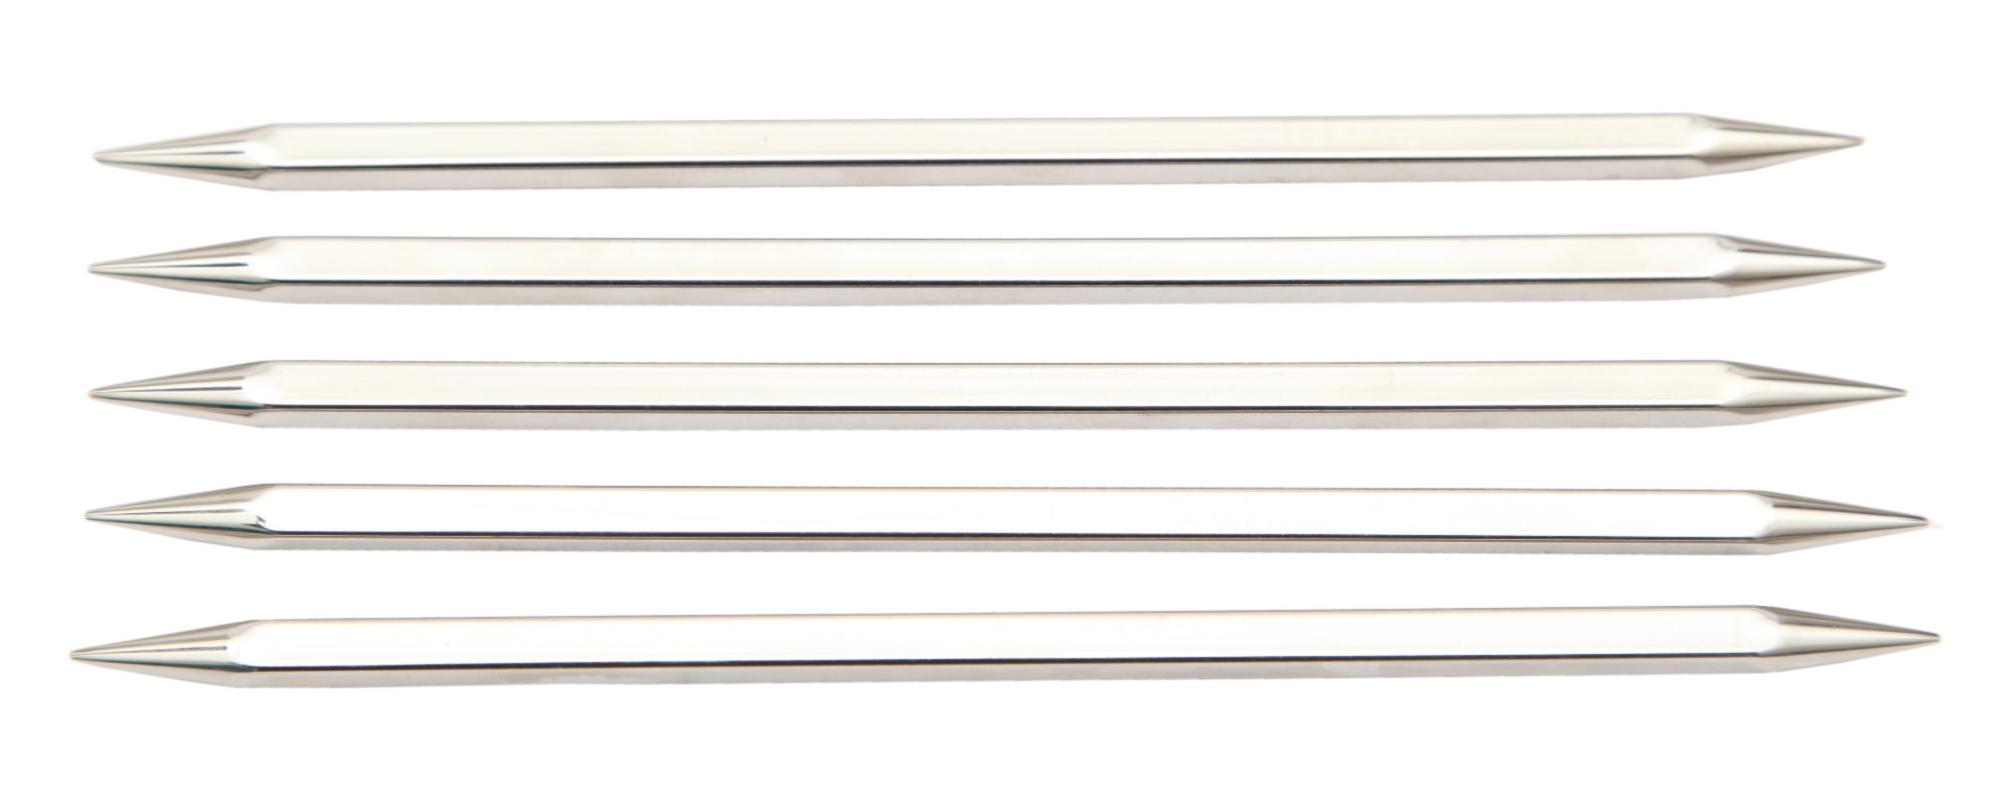 Спицы носочные 15 см Nova Cubics KnitPro, 12107, 3.50 мм